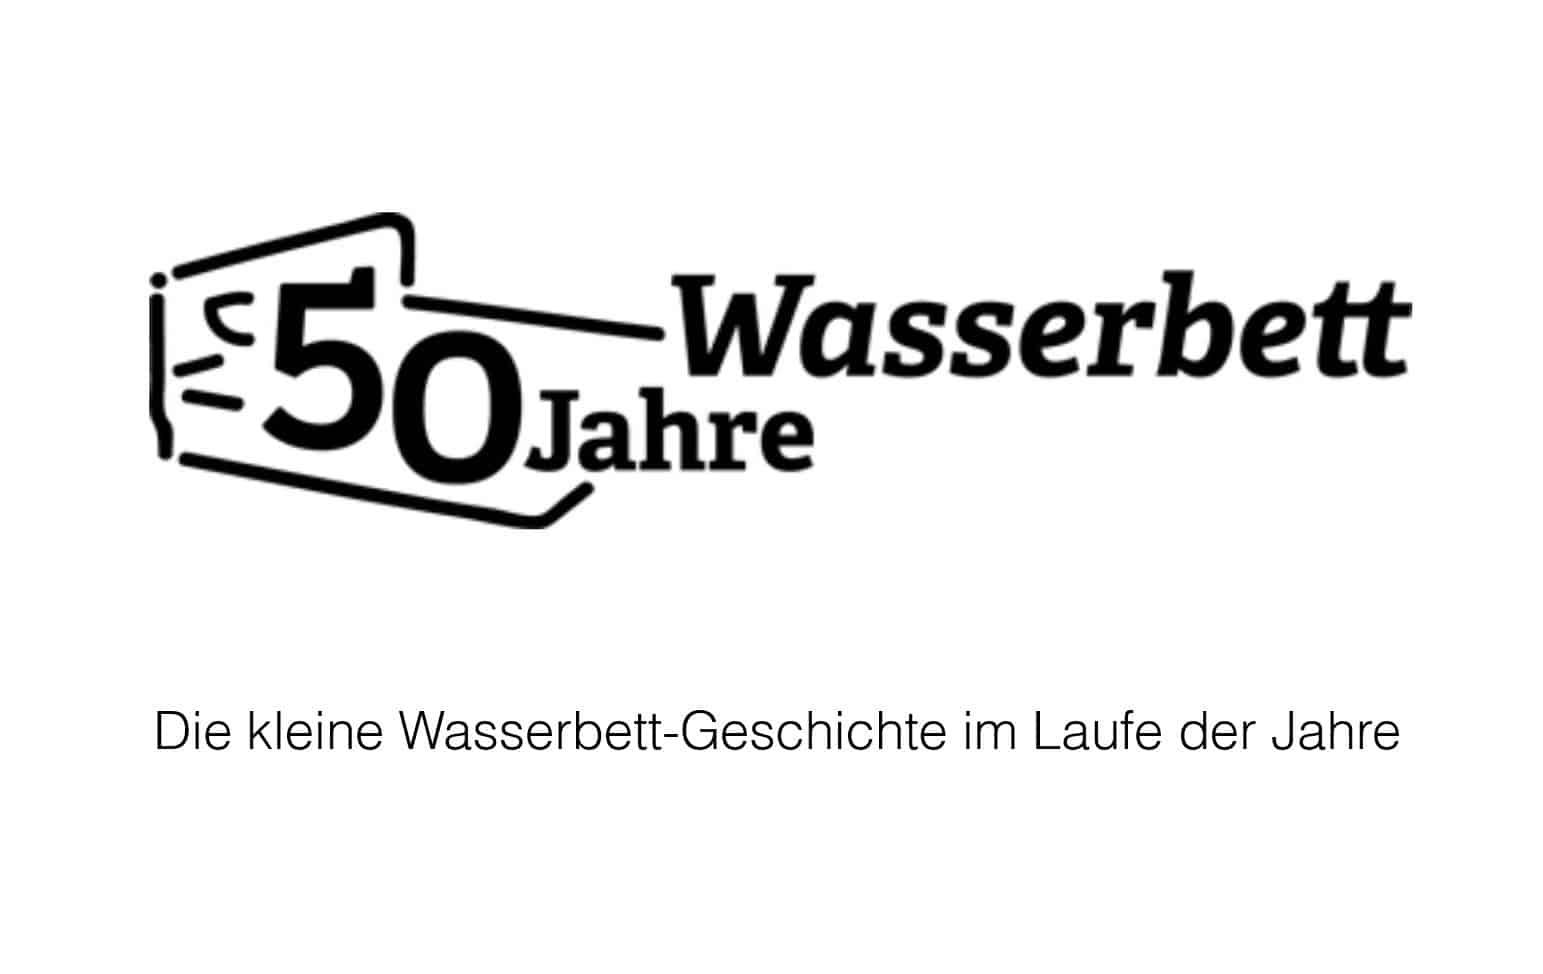 aquabest wasserbetten Geschichte 50 Jahre - Geschichte - 50 Jahre Wasserbett